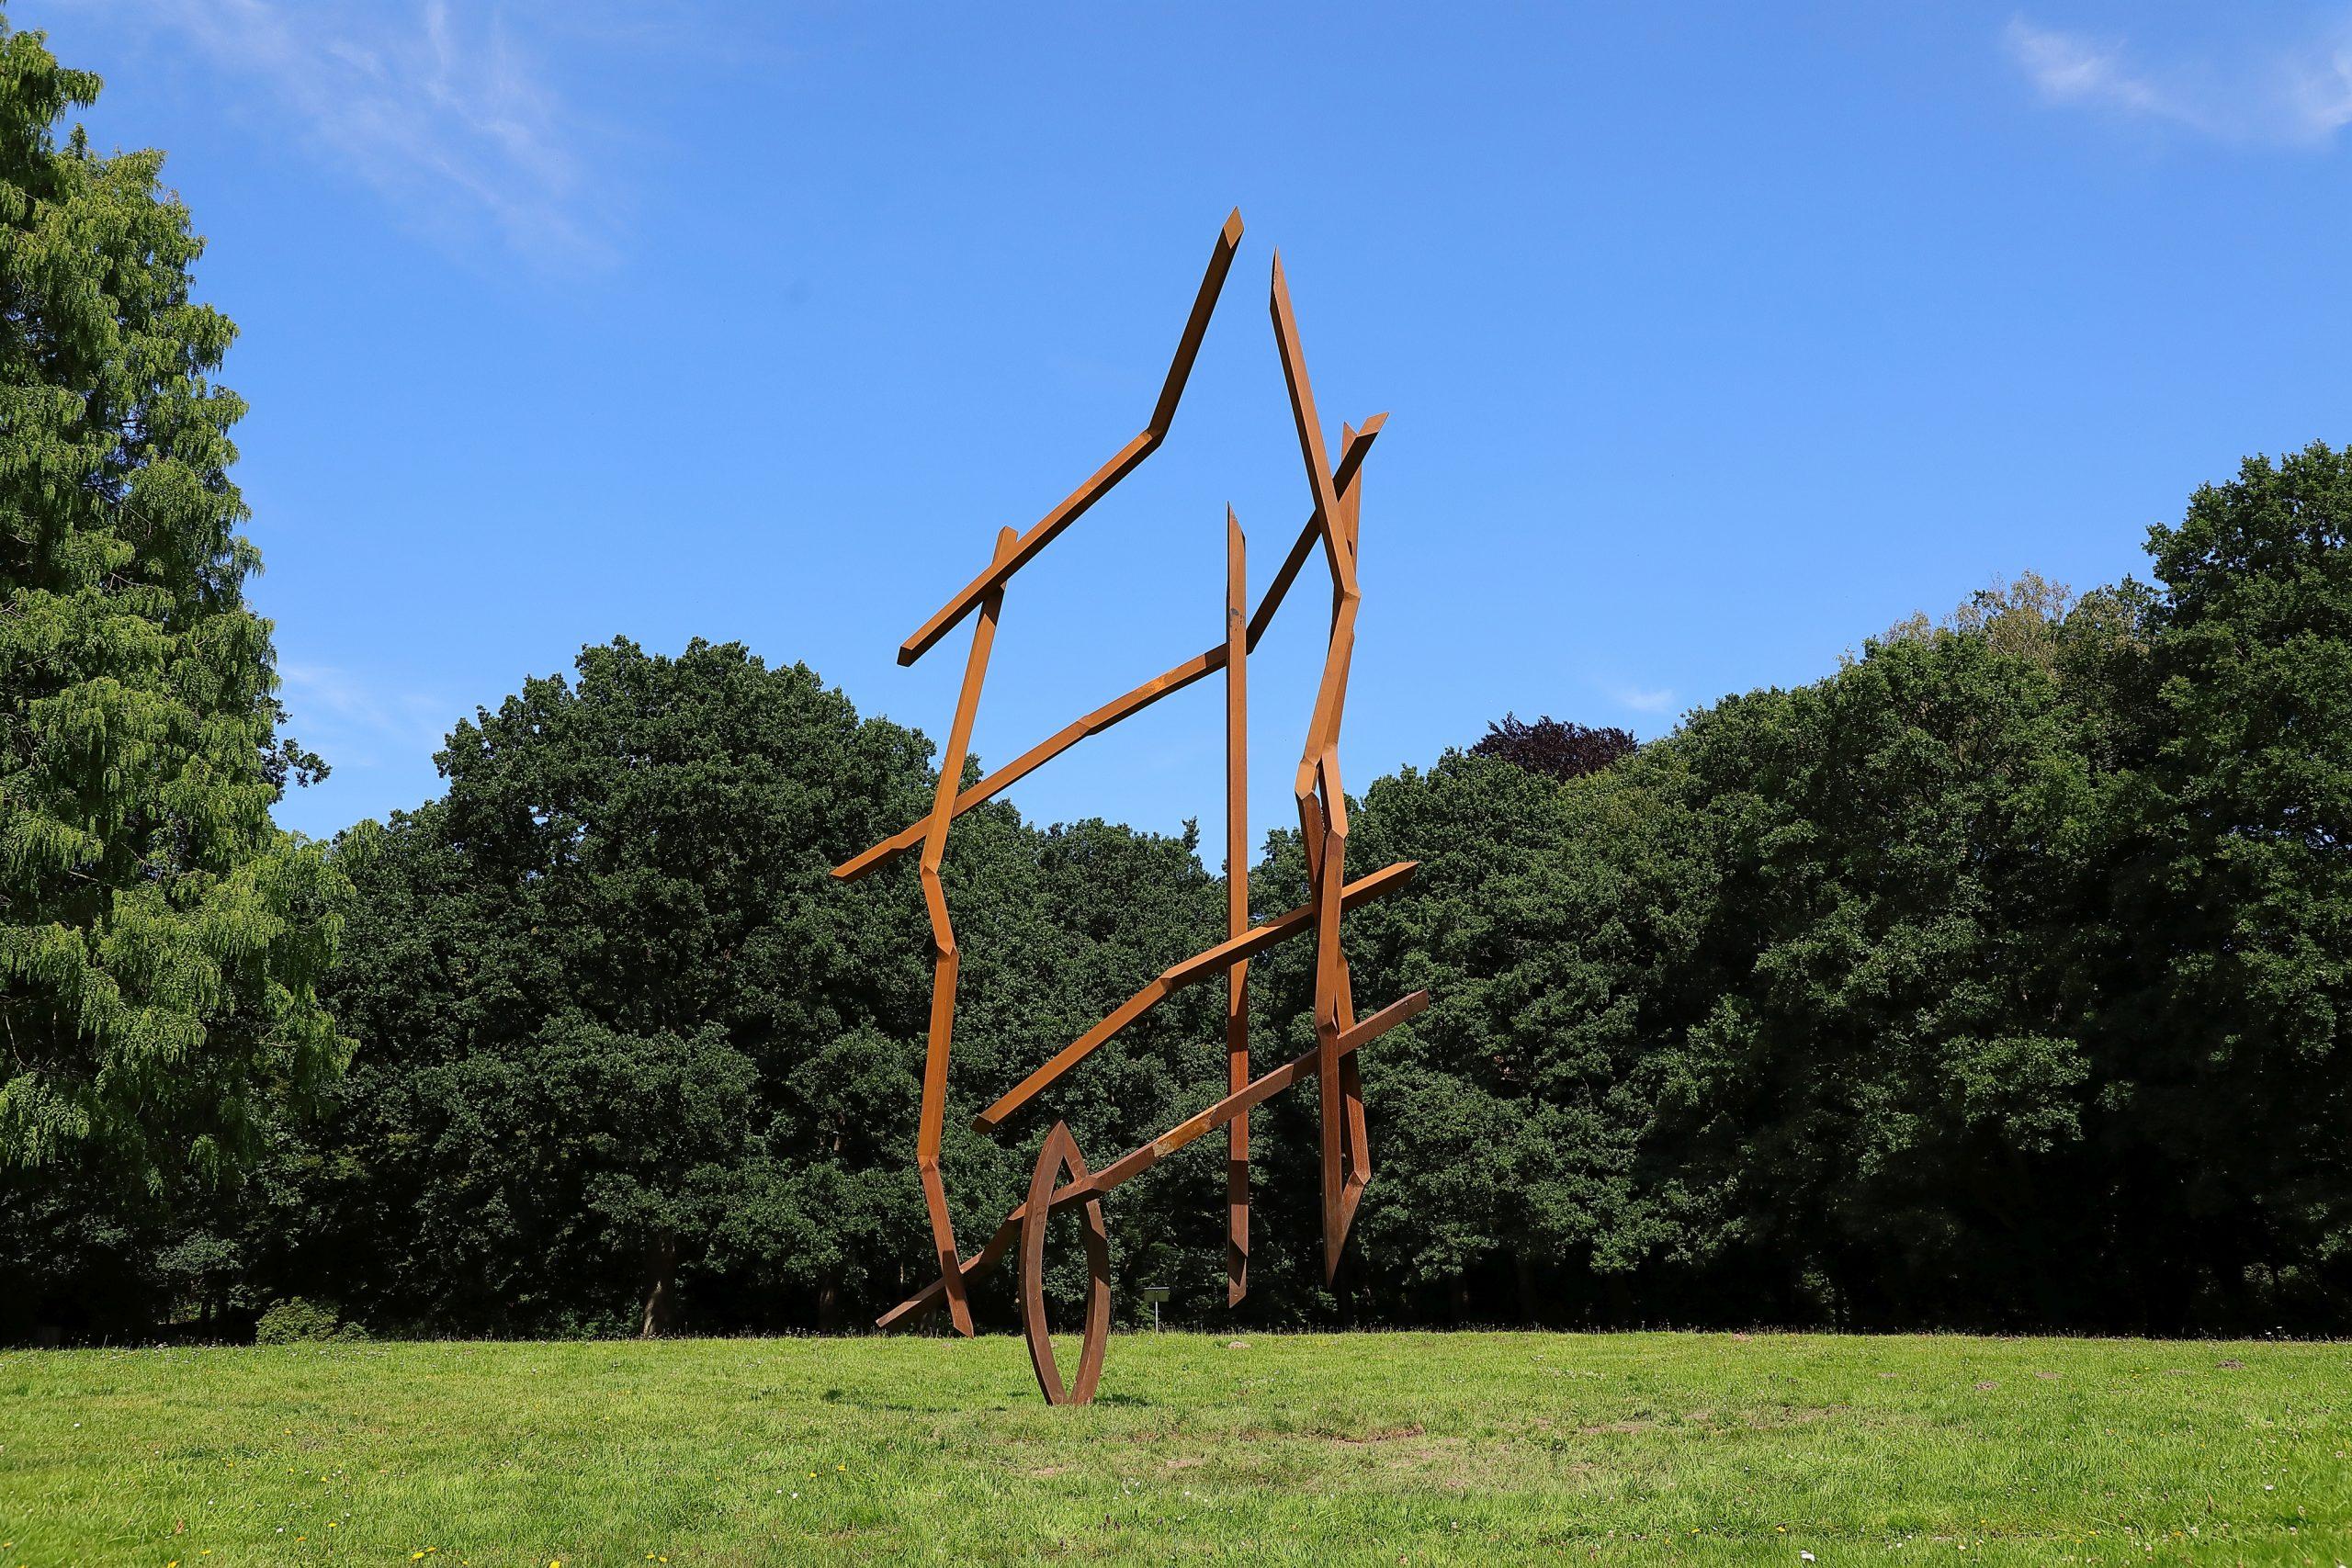 Robert Schad - Skulpturen in Knoops Park